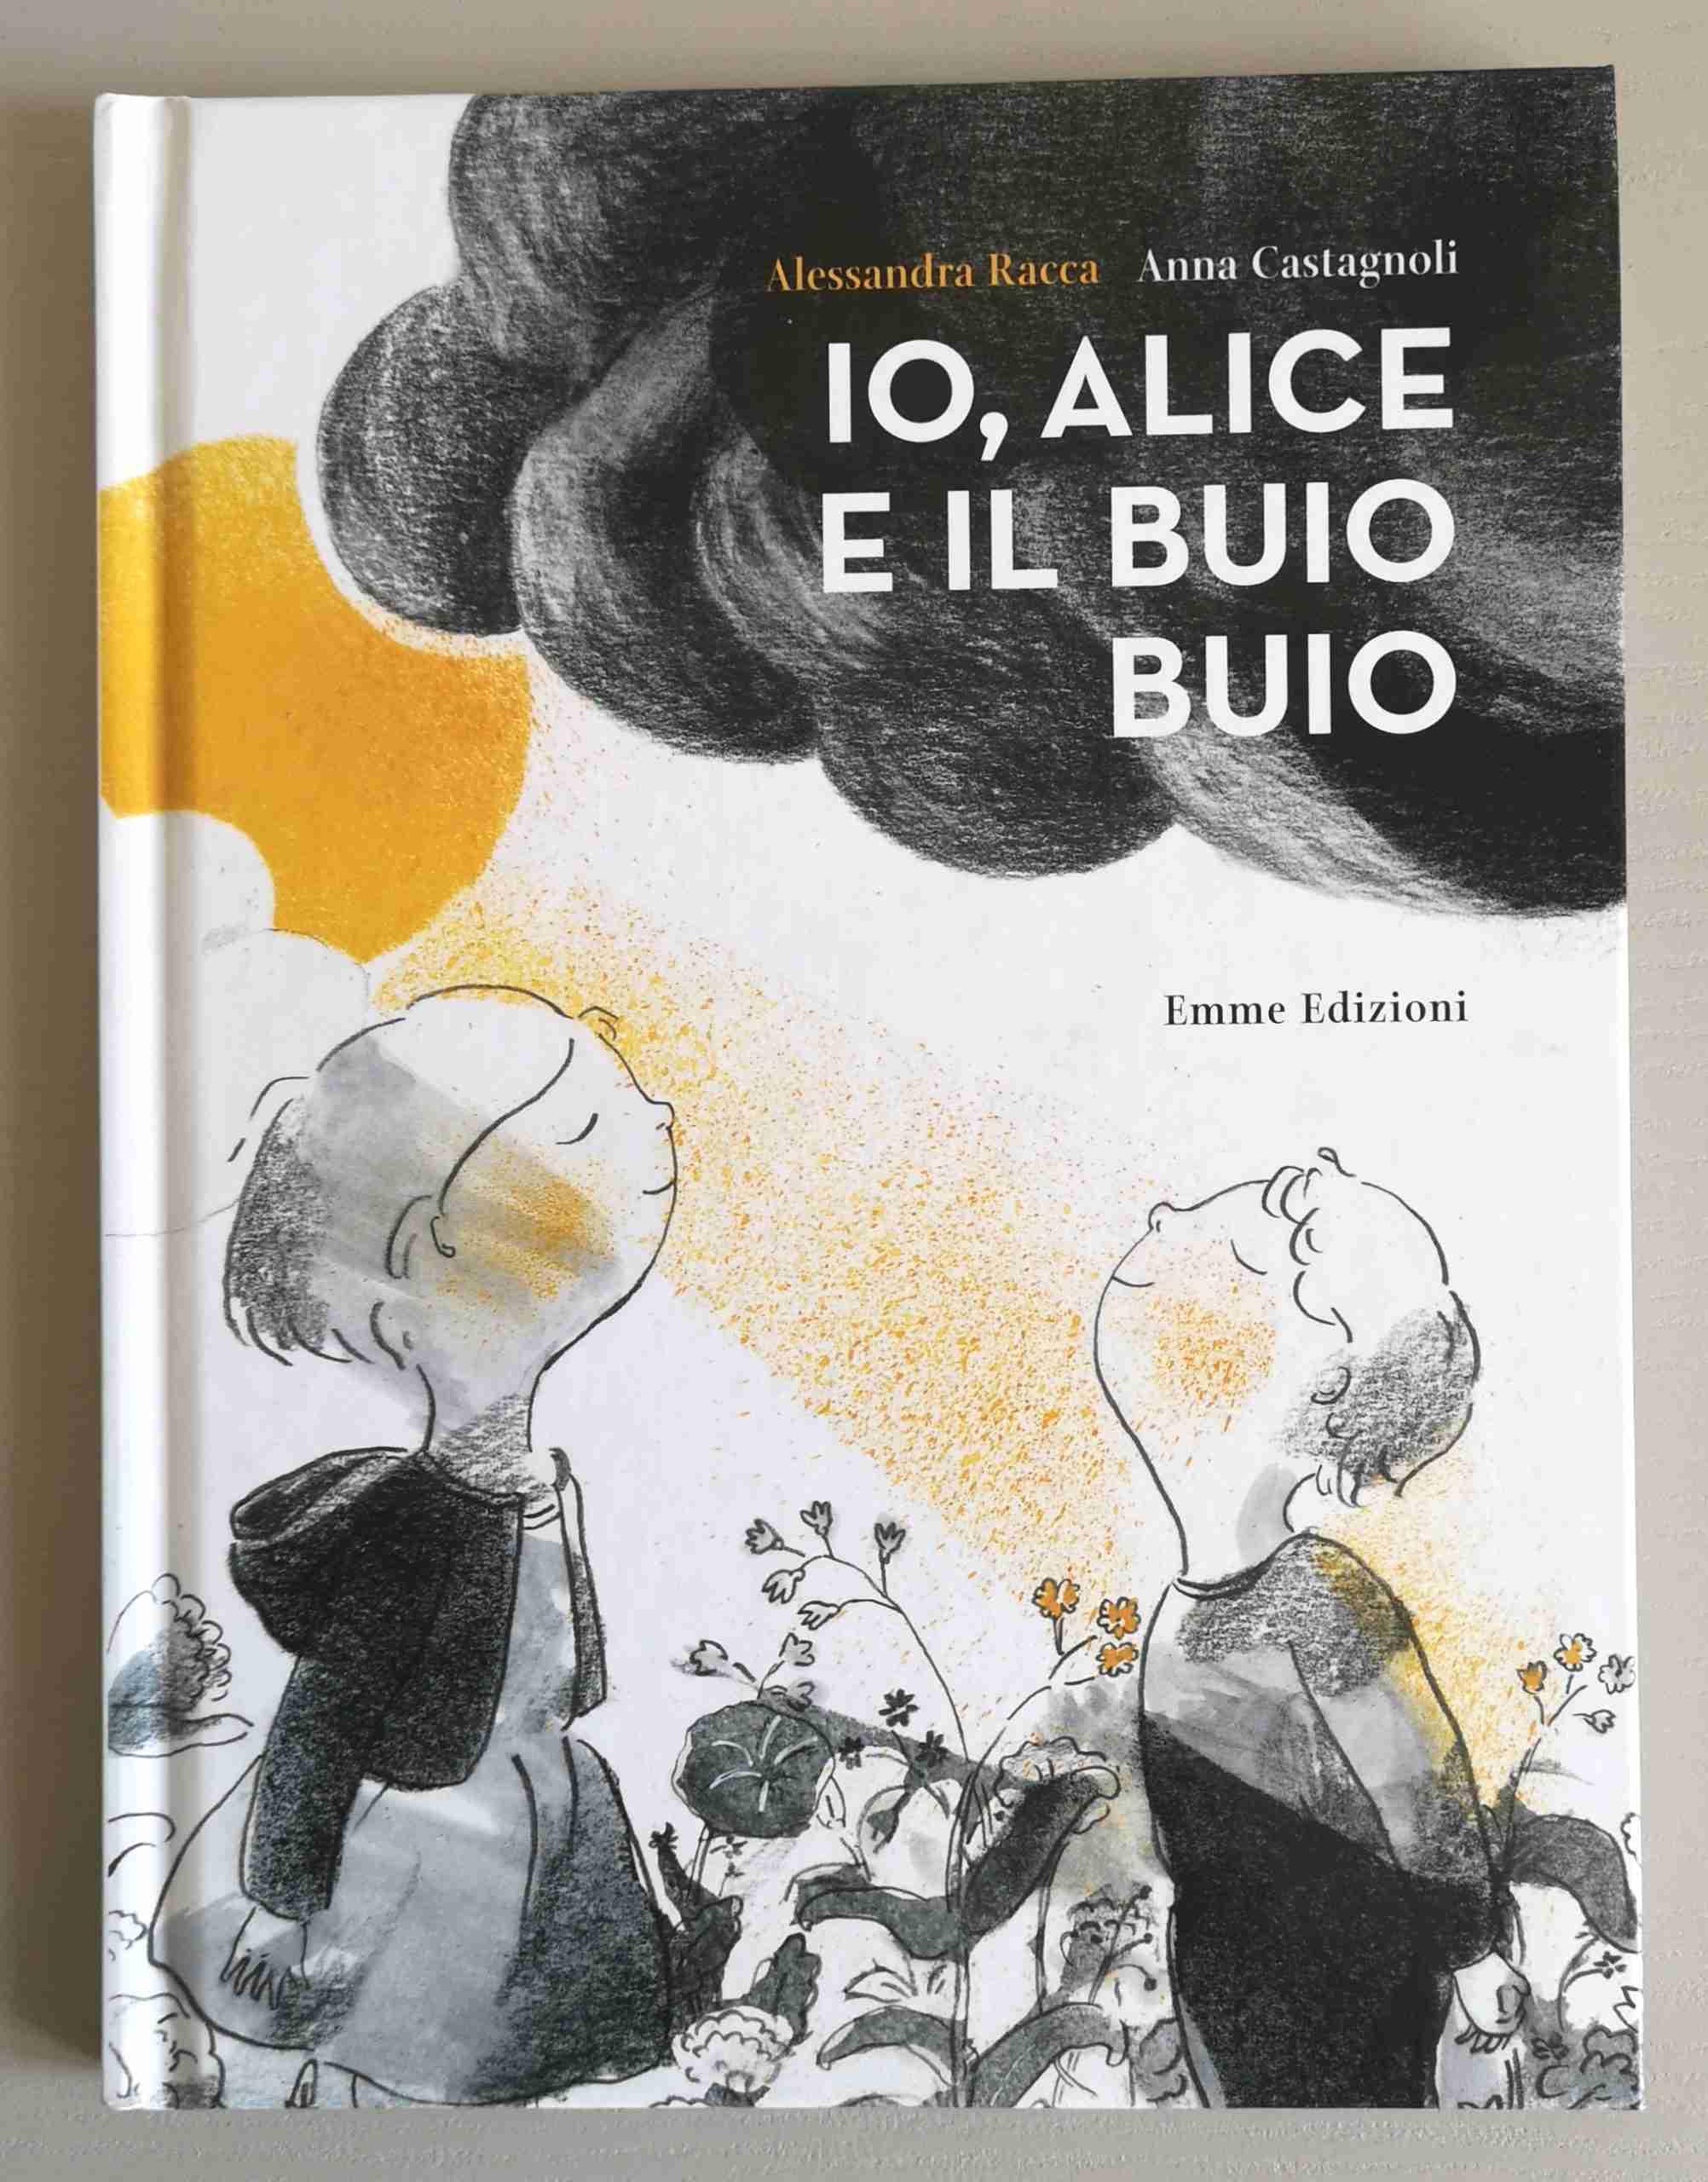 IO, ALICE E IL BUIO BUIO di Alessandra Racca e Anna Castagnoli, EMME EDIZIONI